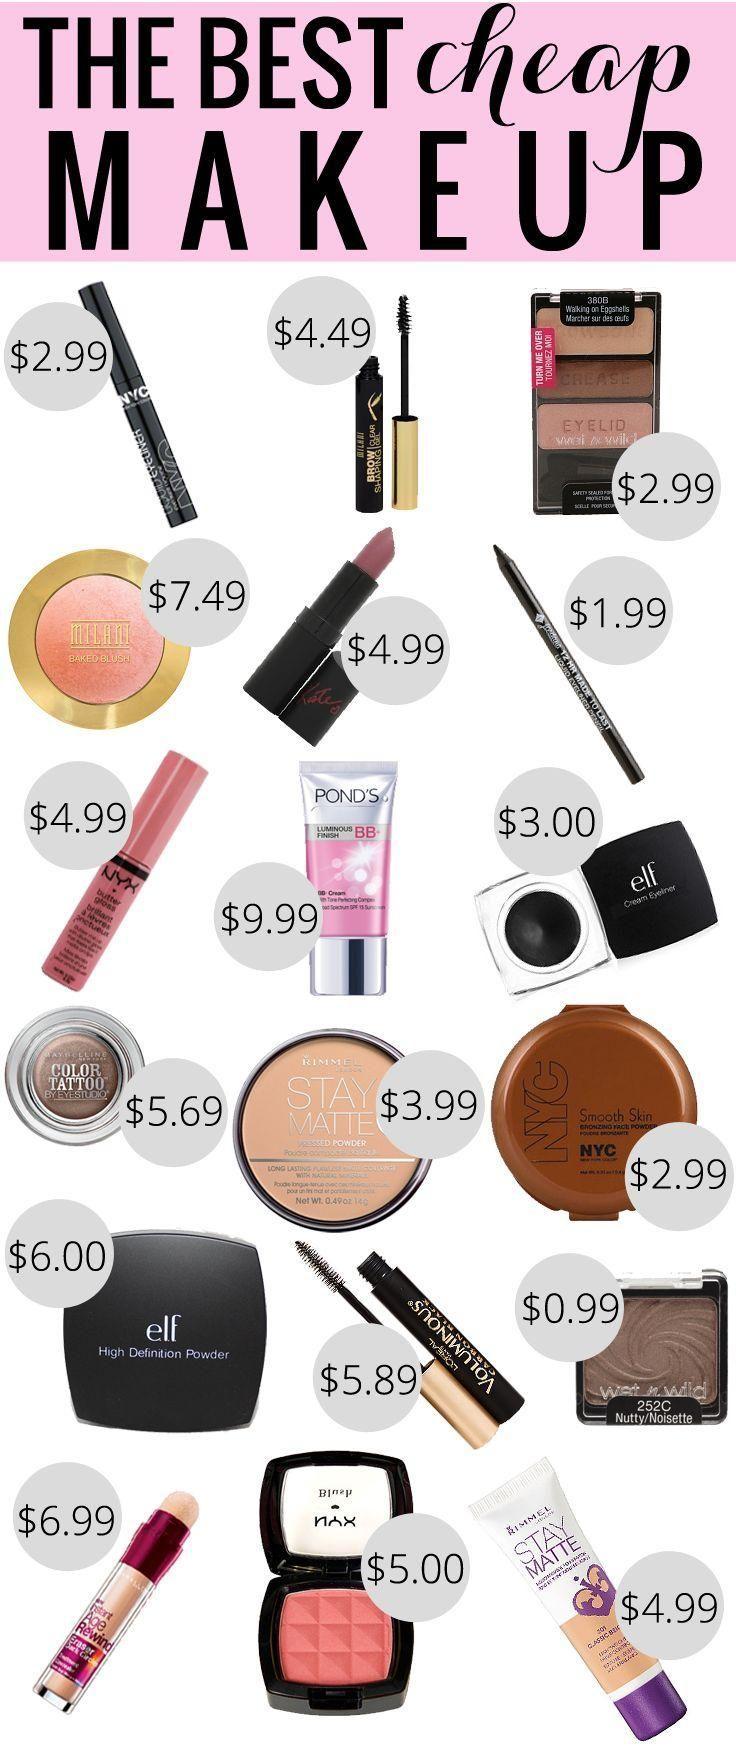 The Best Cheap Makeup, best drugstore makeup, makeup under